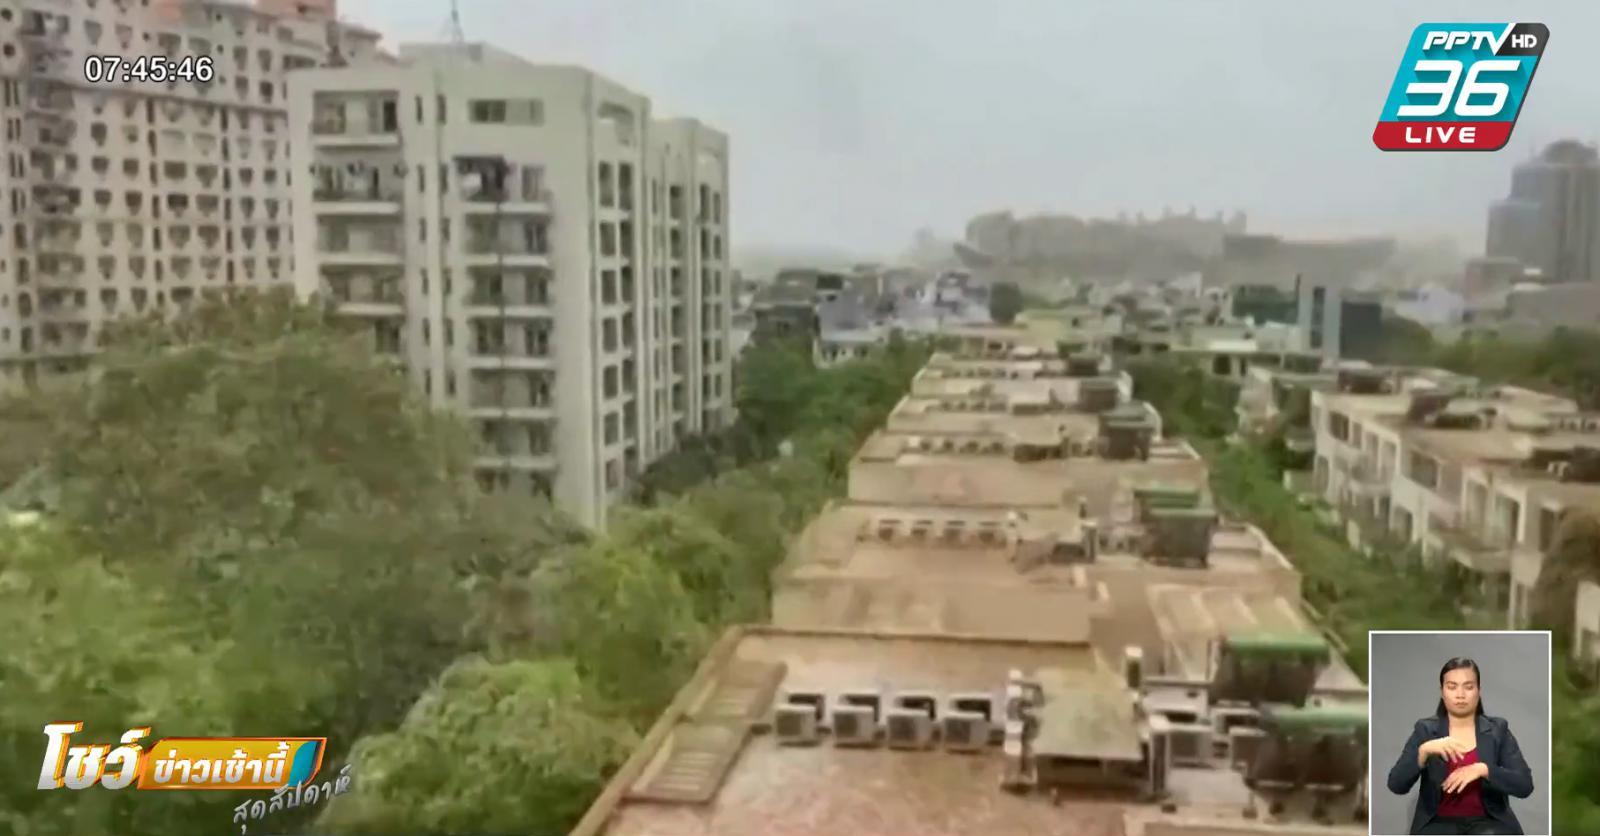 ฝูงตั๊กแตนทะเลทราย บุกใกล้เมืองหลวงอินเดีย